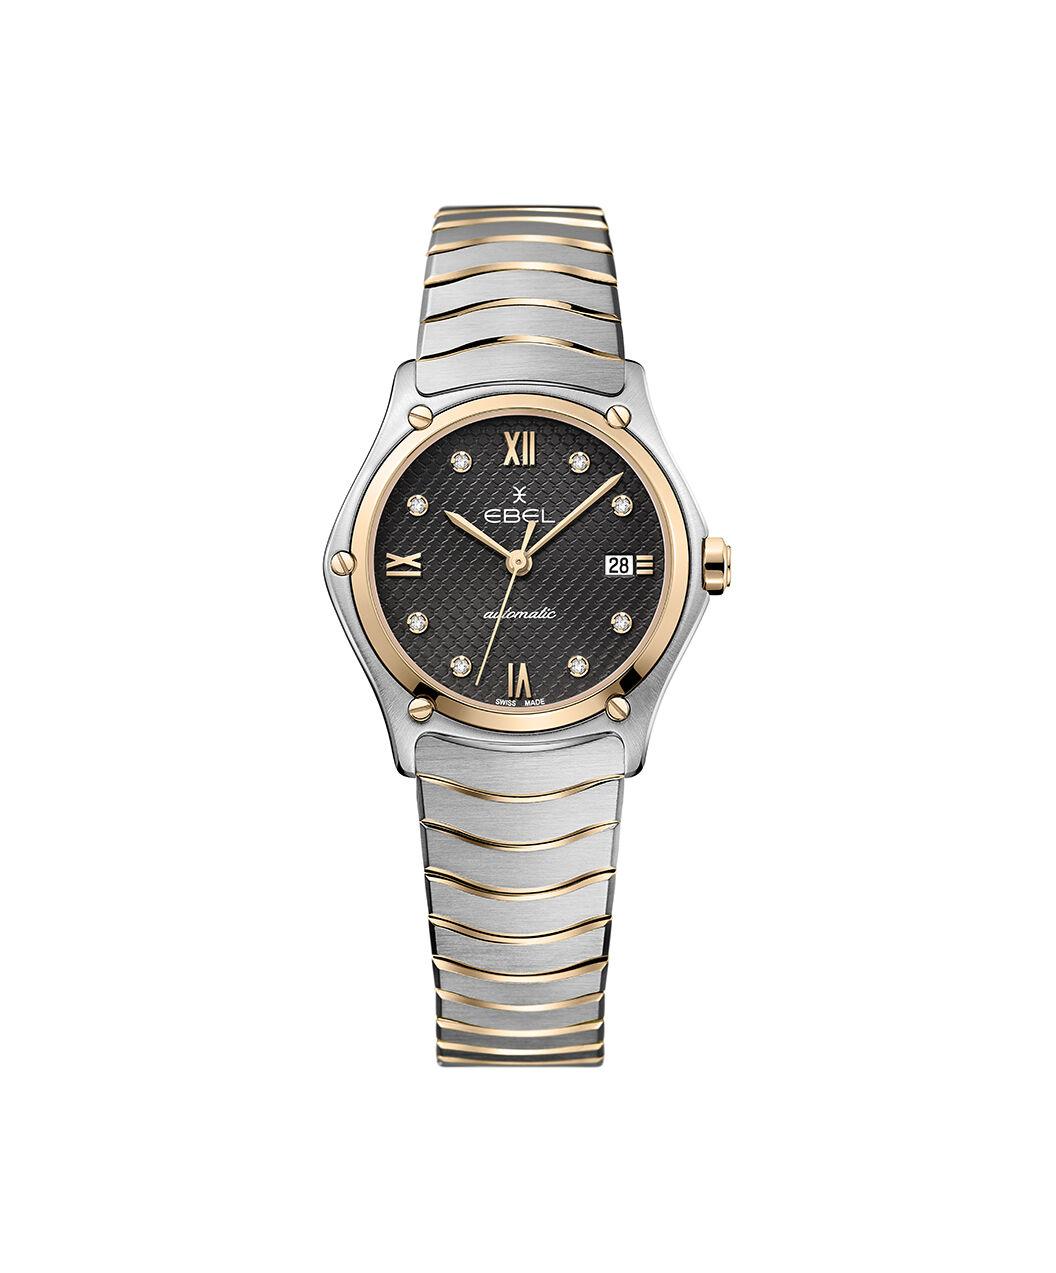 Amazon Fake Invicta Watches